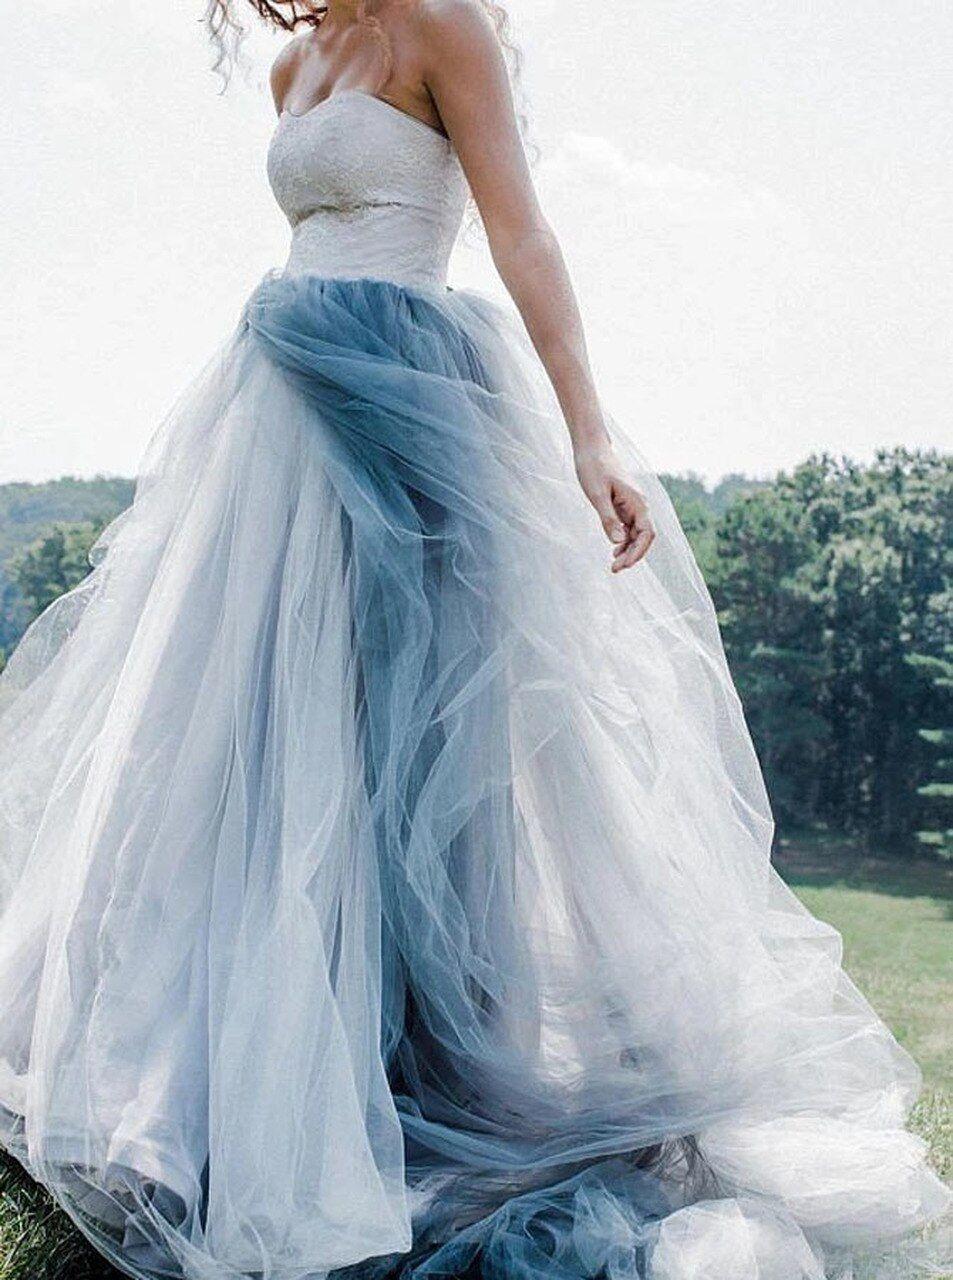 Blue Wedding Dress Puffy Wedding Dress Princess Wedding Etsy Blue Wedding Dresses Light Blue Prom Dress Blue Ball Gowns [ 1191 x 794 Pixel ]